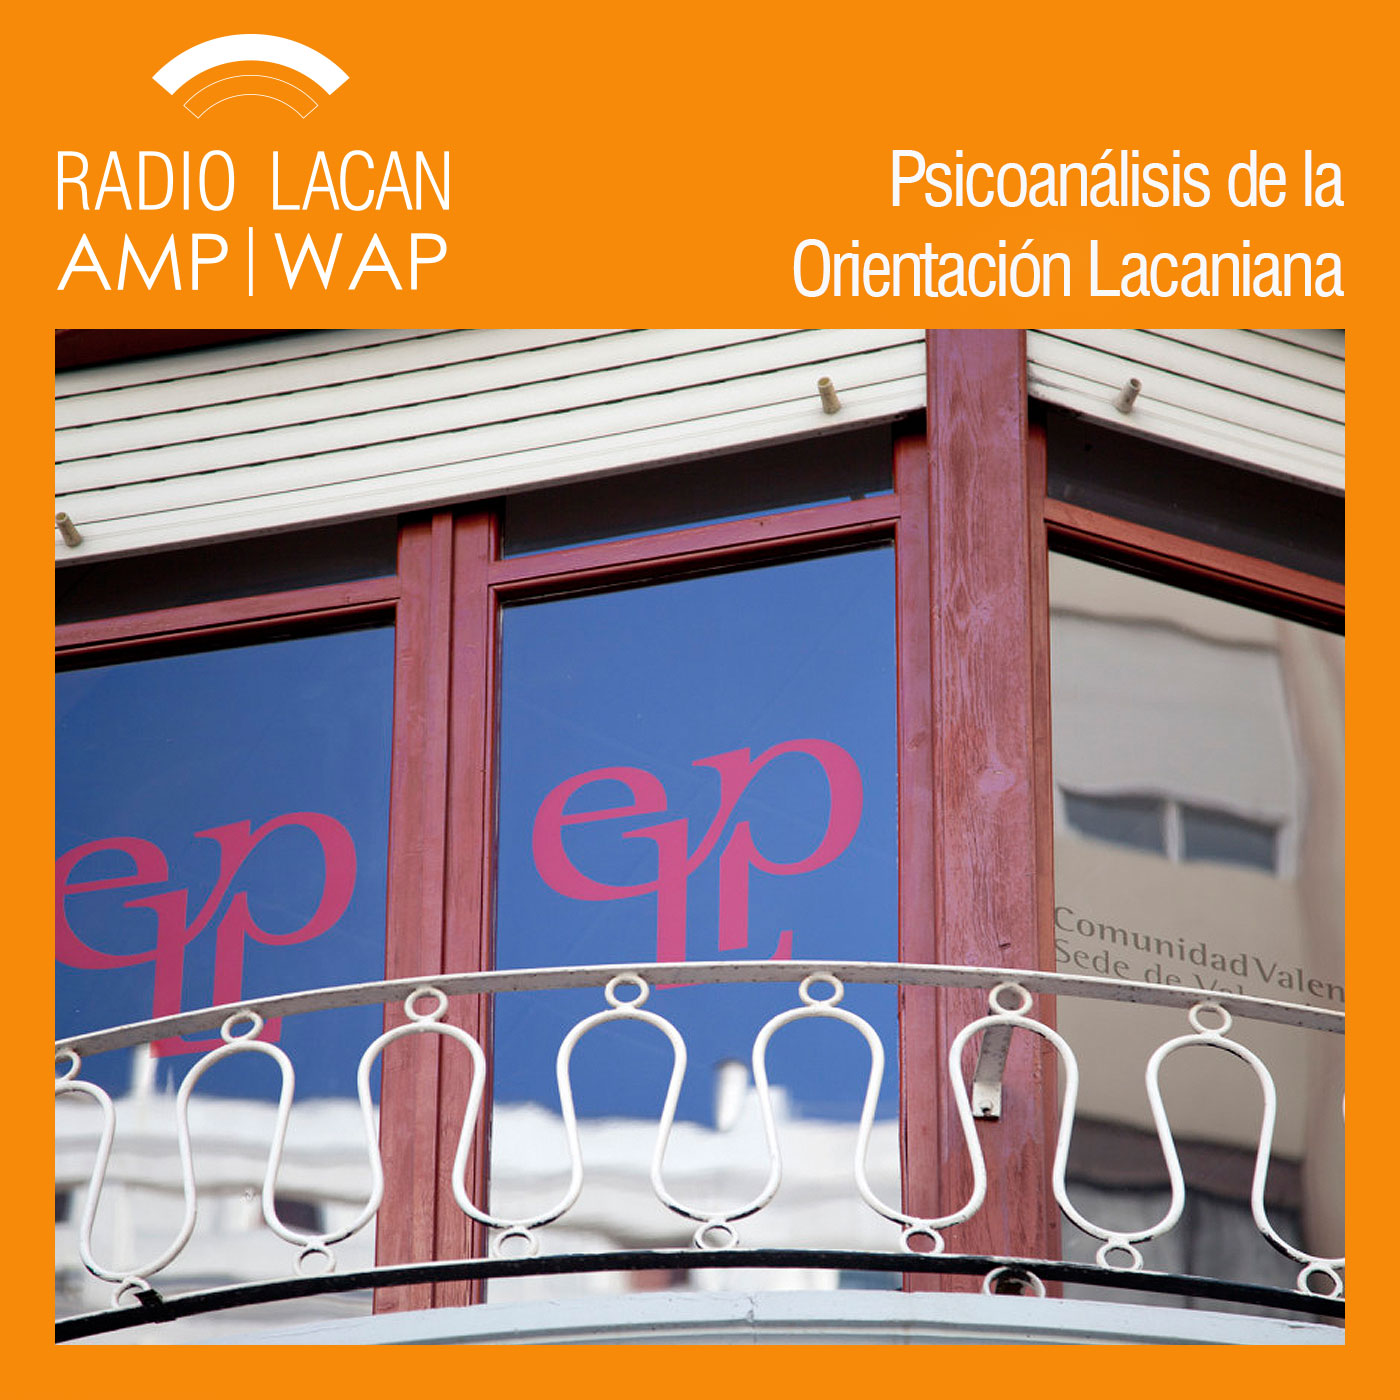 RadioLacan.com | <![CDATA[Entrevista a Ricardo Rubio y Teresa Tabernero sobre el cartel en la Escuela Lacaniana]]>